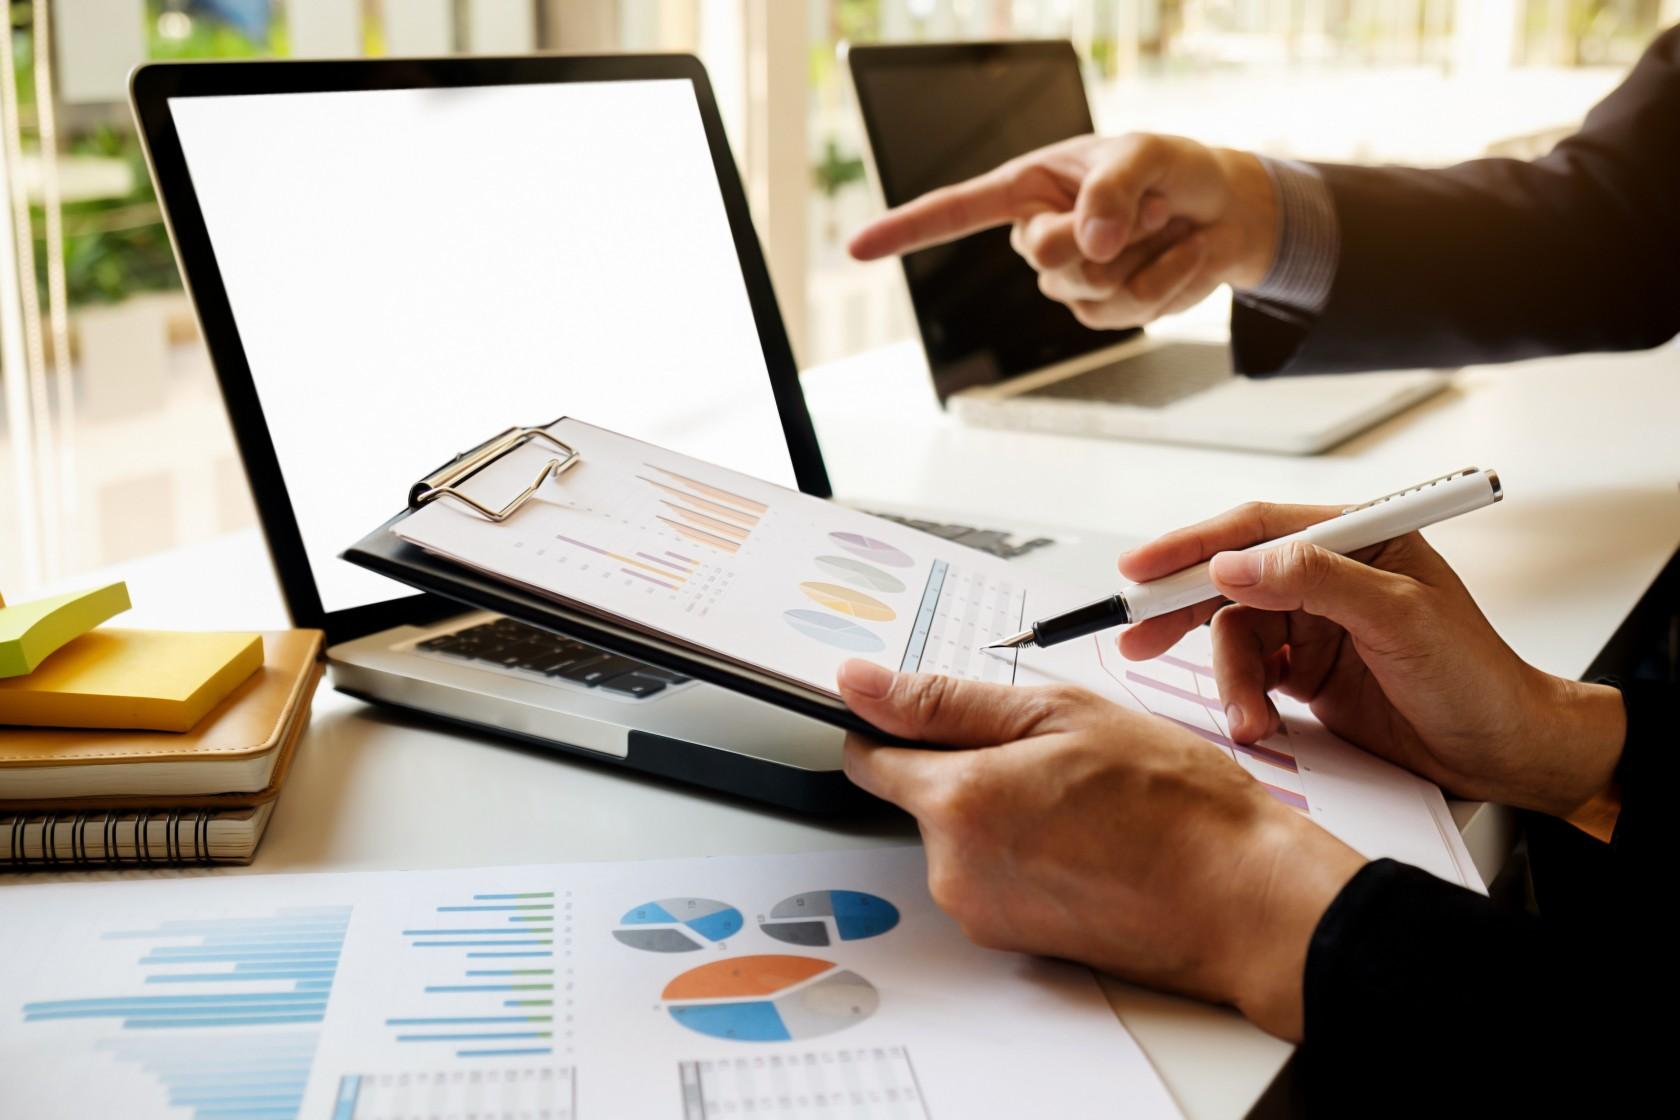 Wykaz zmian podatkowych obowiązujących od 1 stycznia 2020r